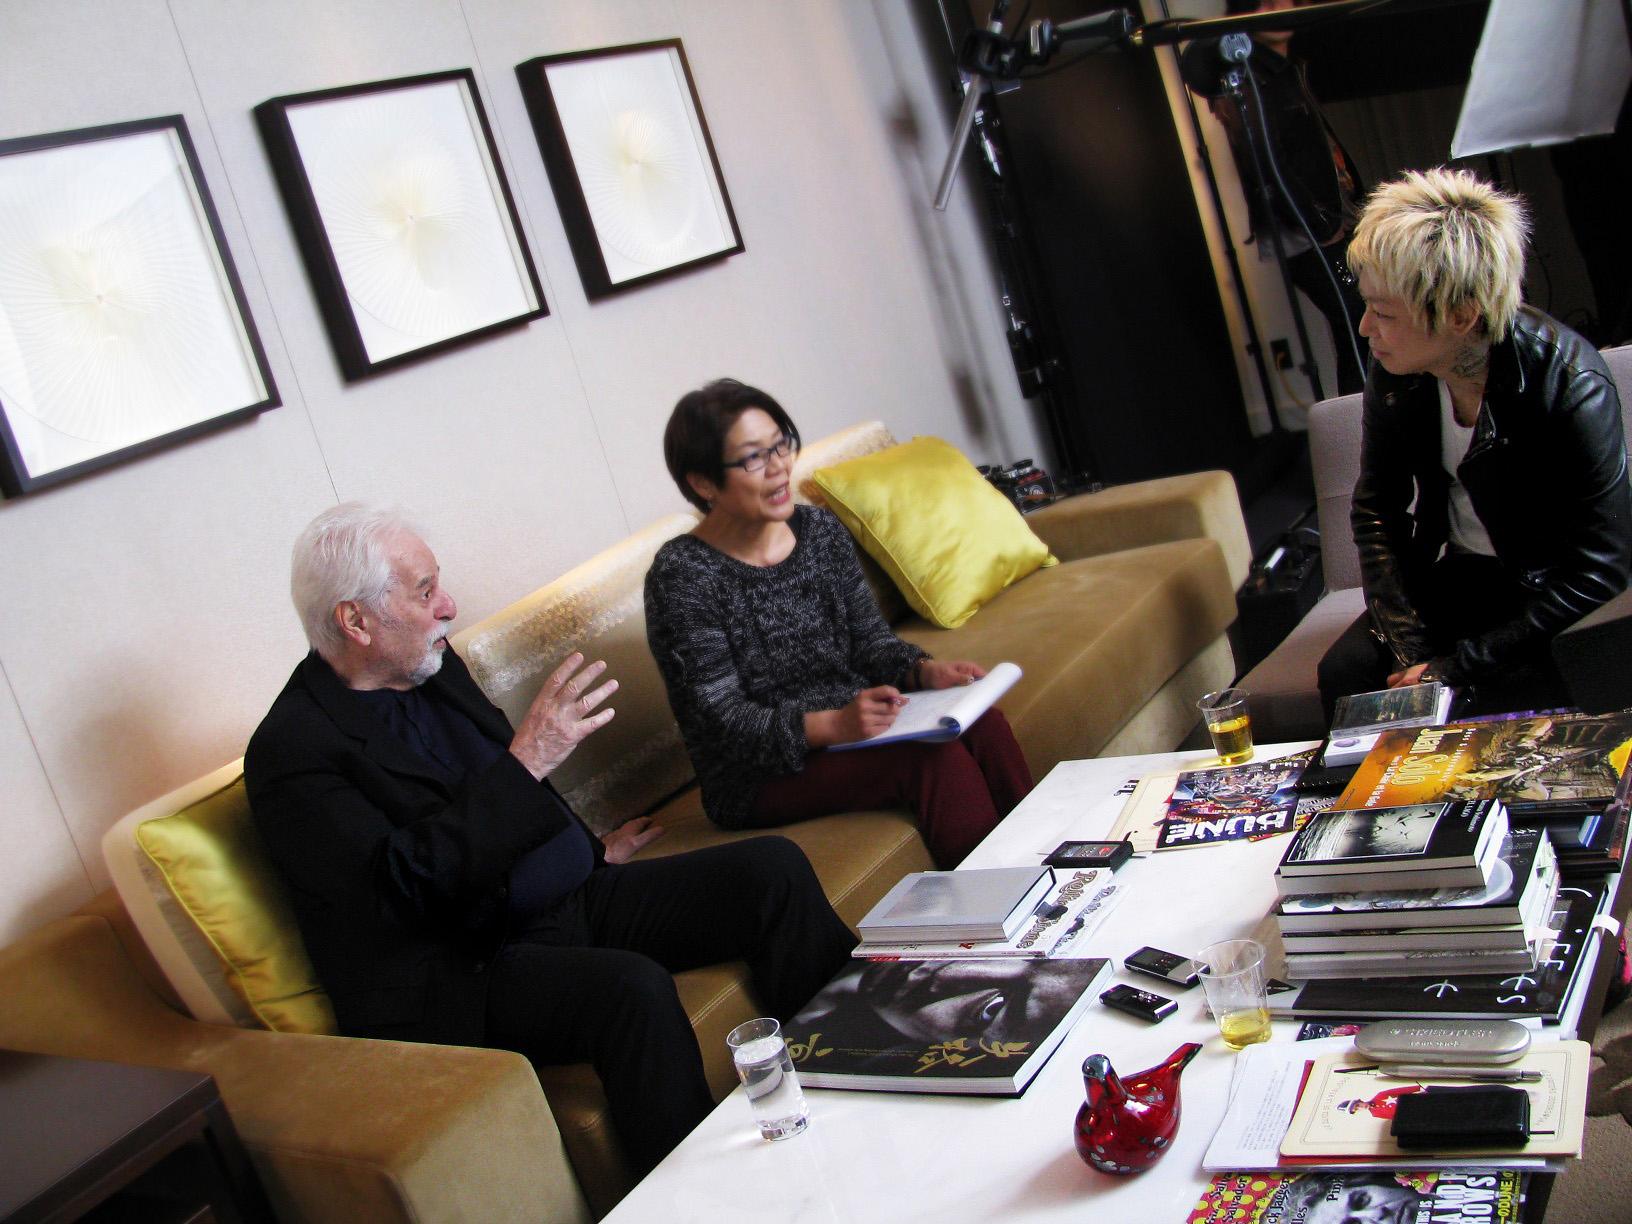 DIR EN GREY京、カルト映画界の巨匠と対談サムネイル画像